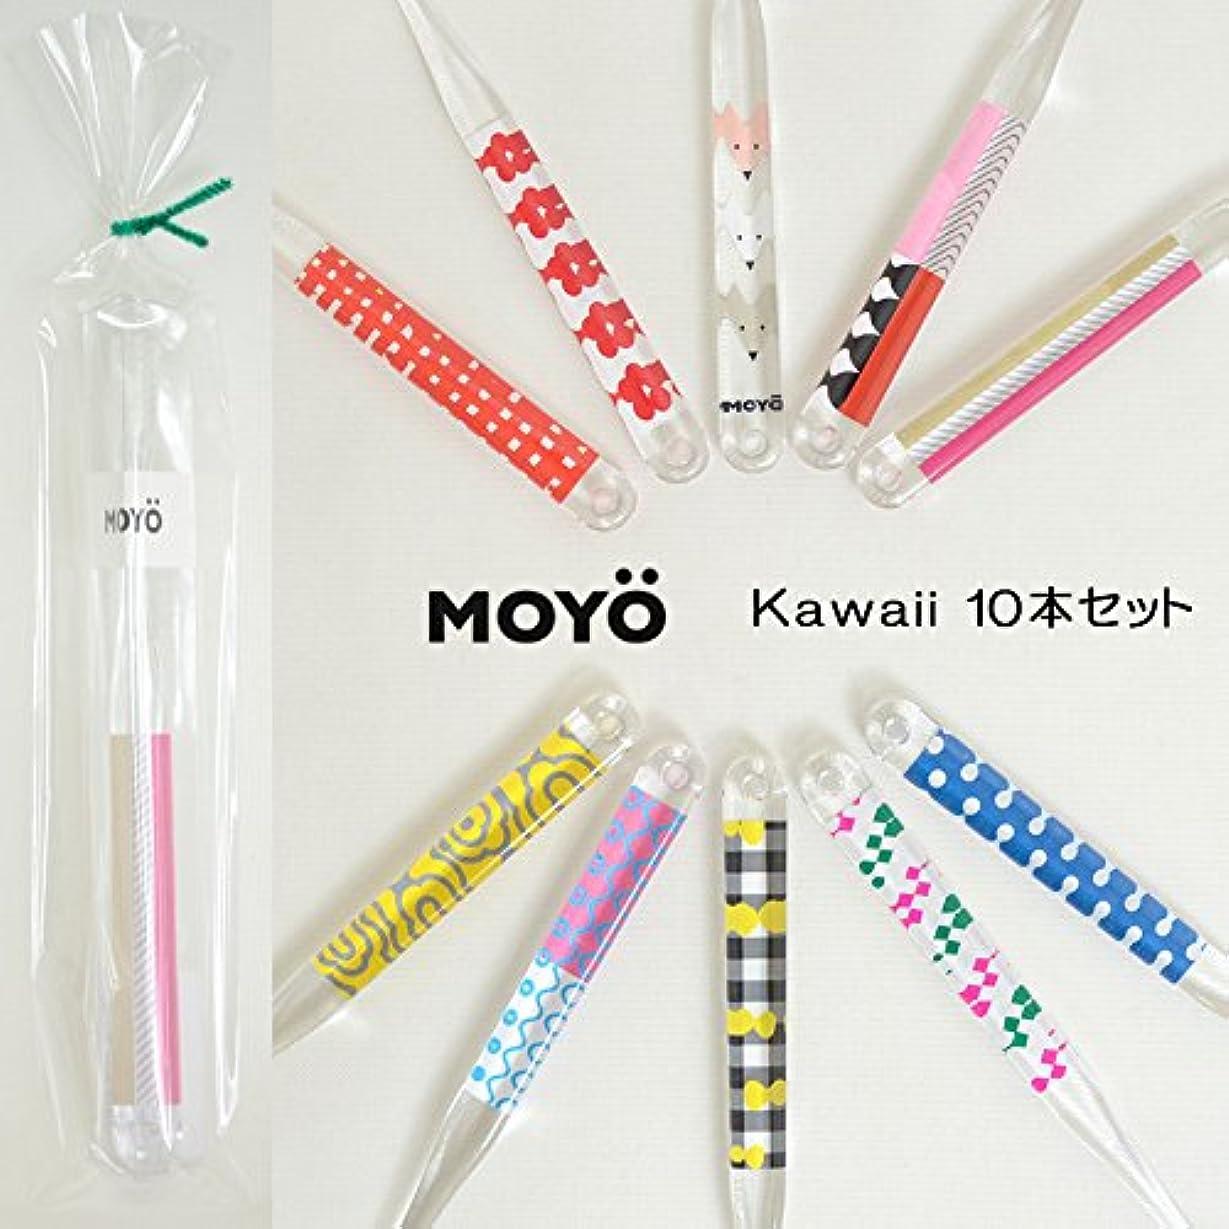 間温度計湿ったMOYO モヨウ kawaii10本 プチ ギフト セット_562302-kawaii2 【F】,kawaii10本セット